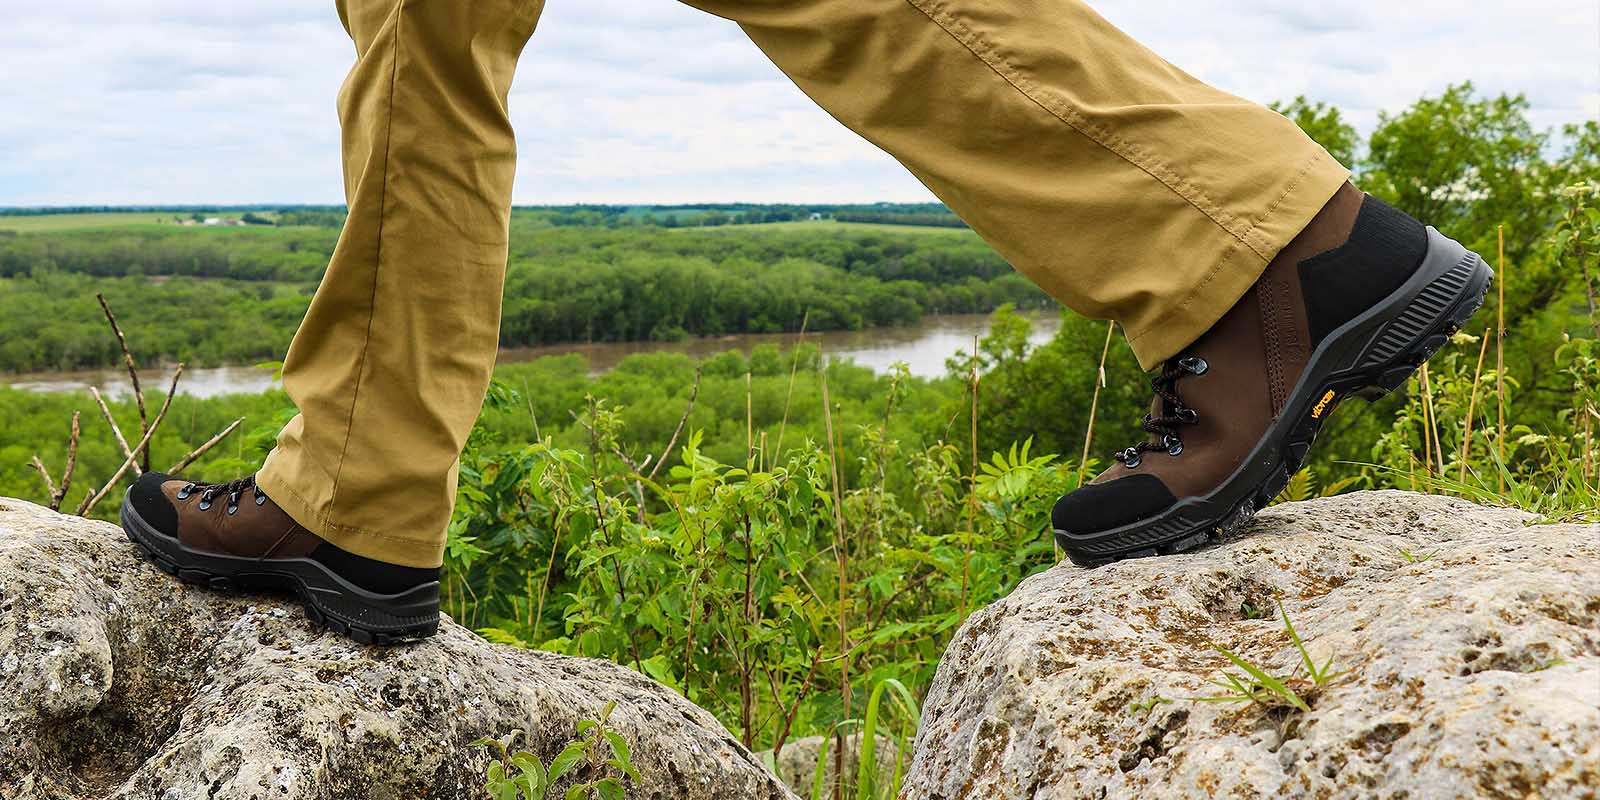 ca7623783e52e Schnee's Mountain Boots